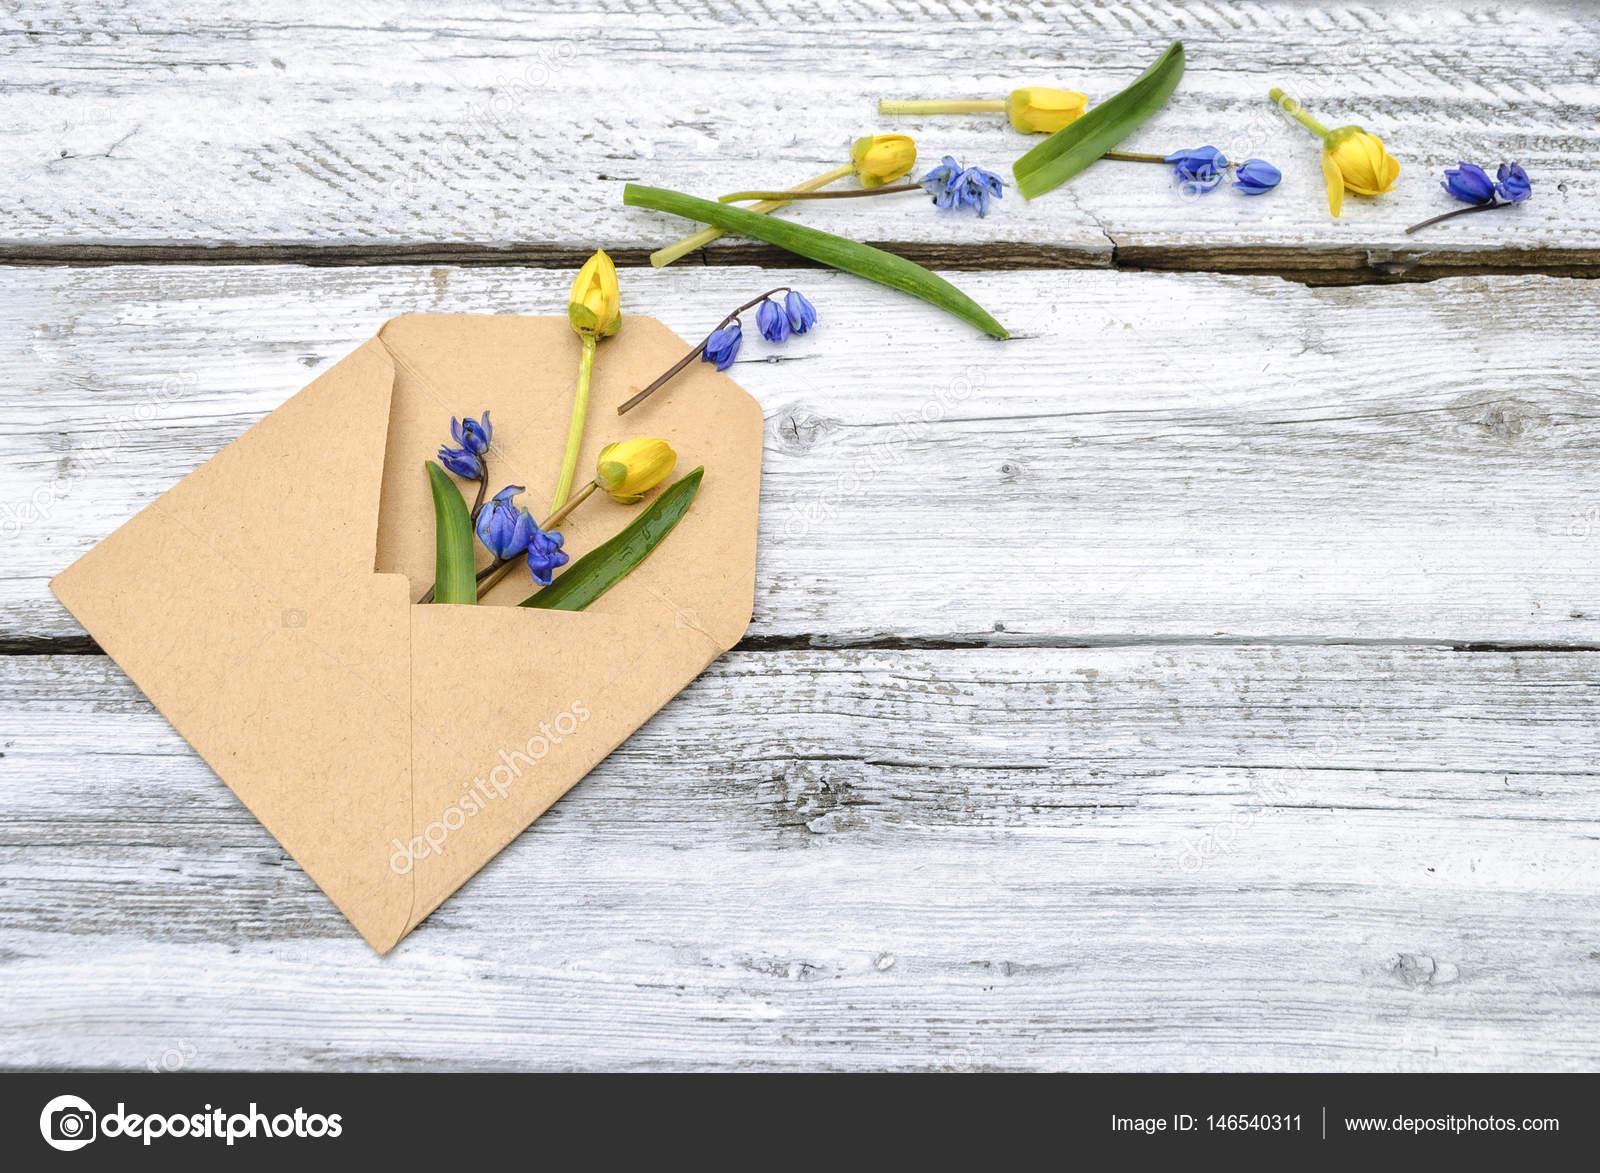 Kağıt çiçeklerini kendi elleriyle yönetin